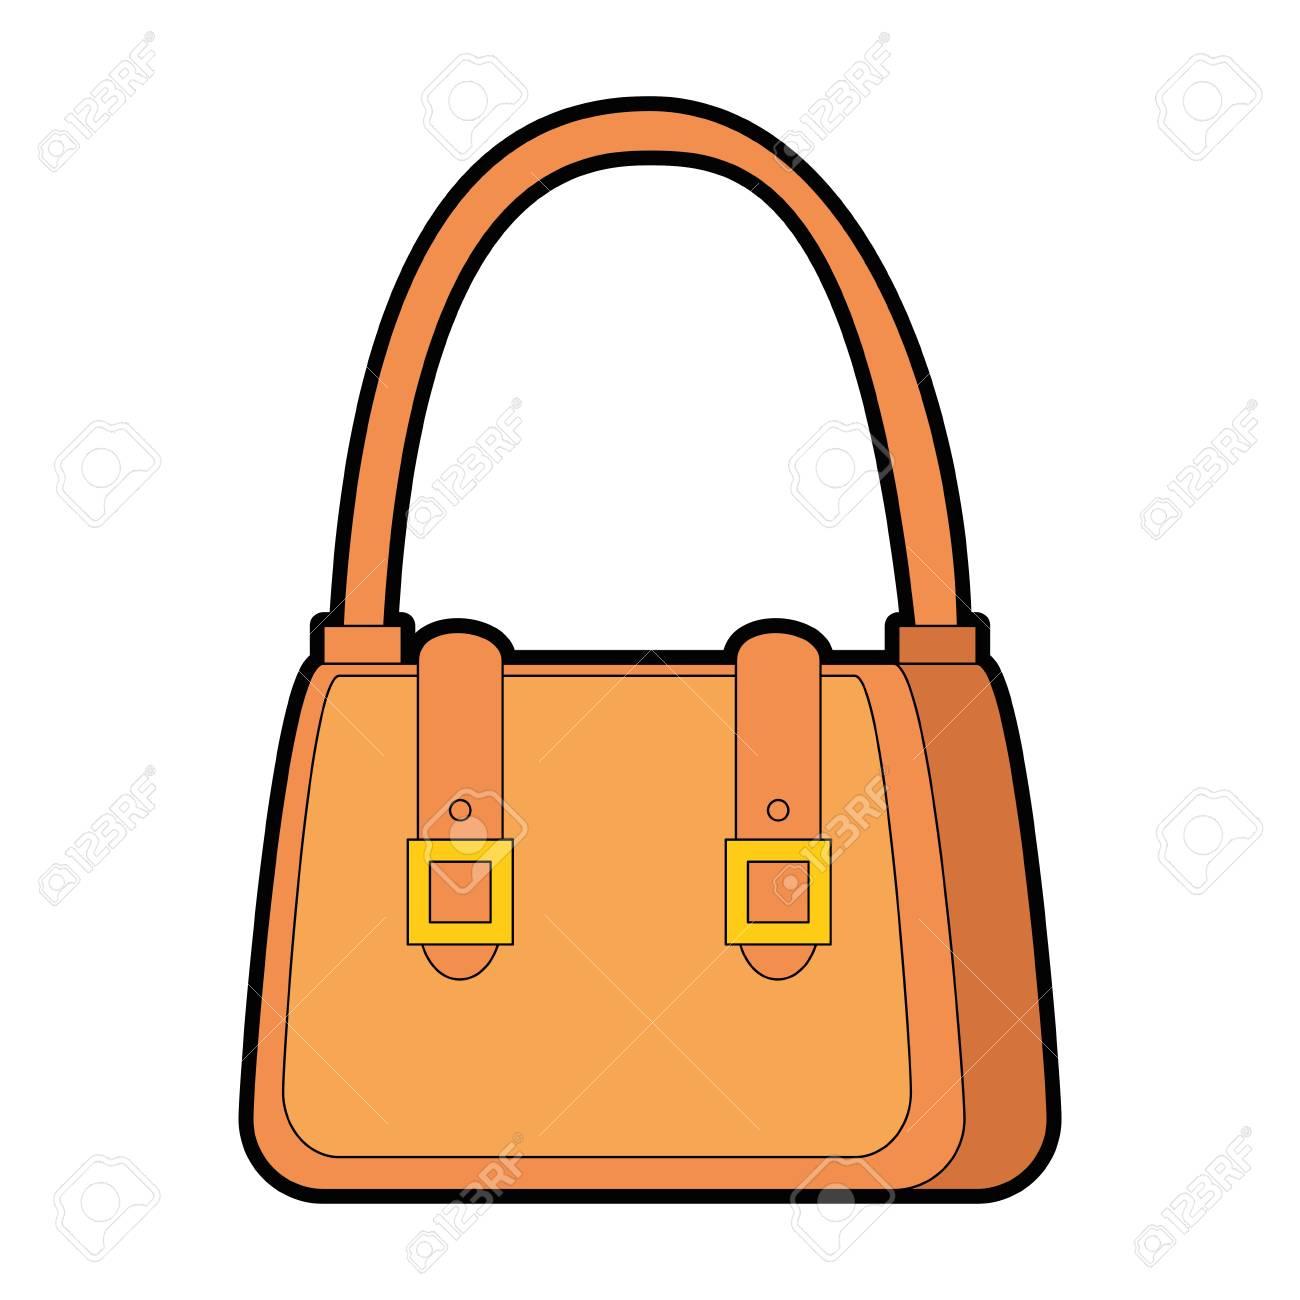 Femme sac à main élégante icône illustration vectorielle, graphisme.